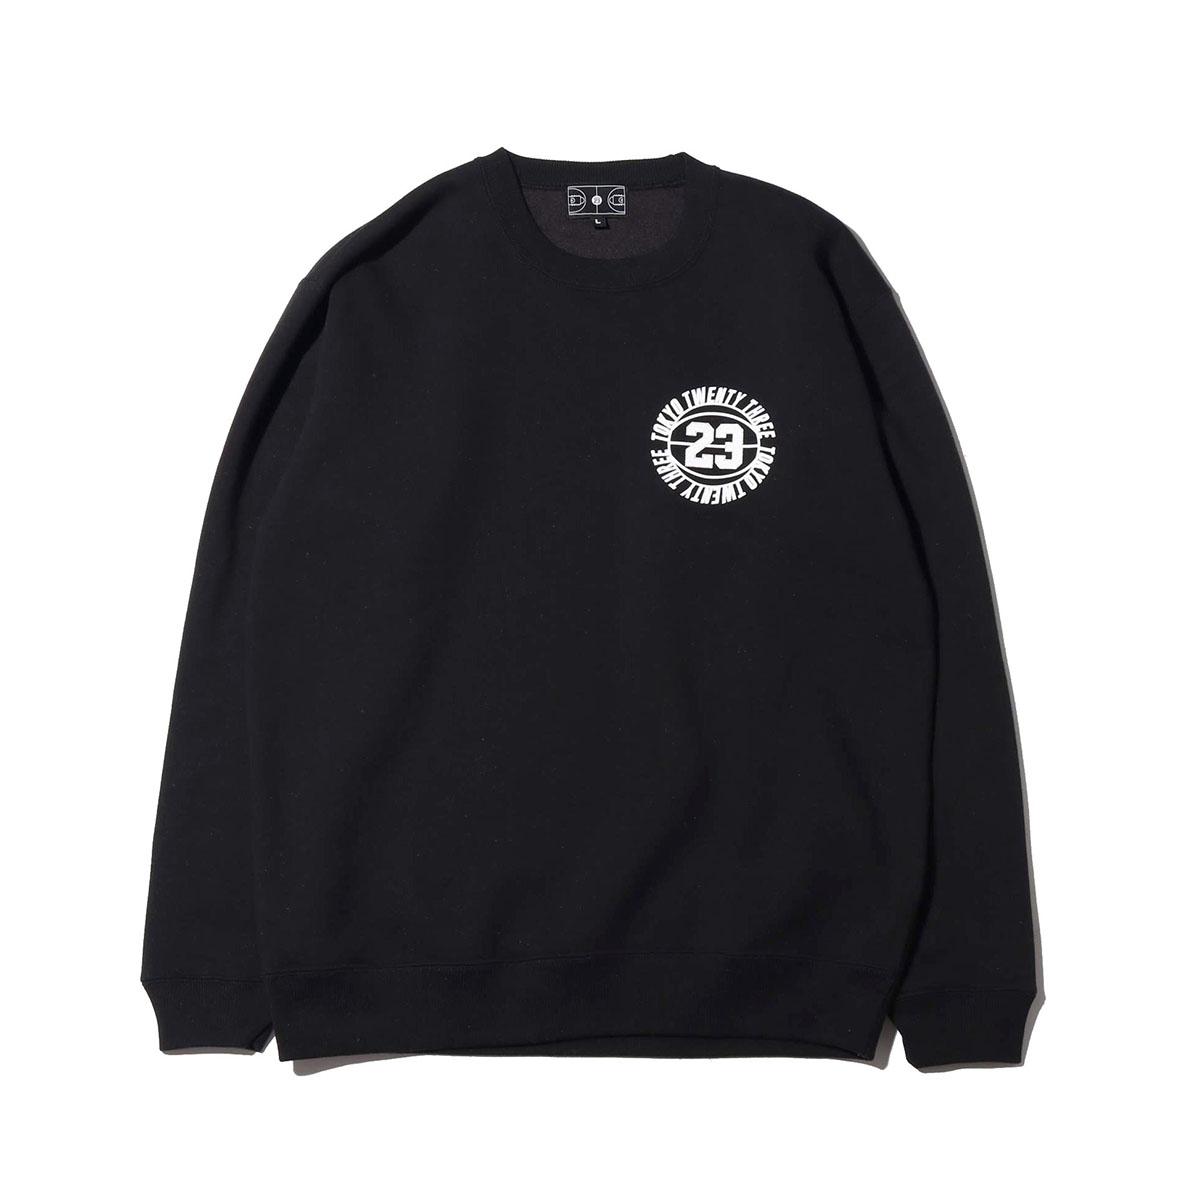 TOKYO 23 CIRCLE CREW(BLACK)(トウキョウ23 サークル クルー)【メンズ】【スウェット】【19HO-I】